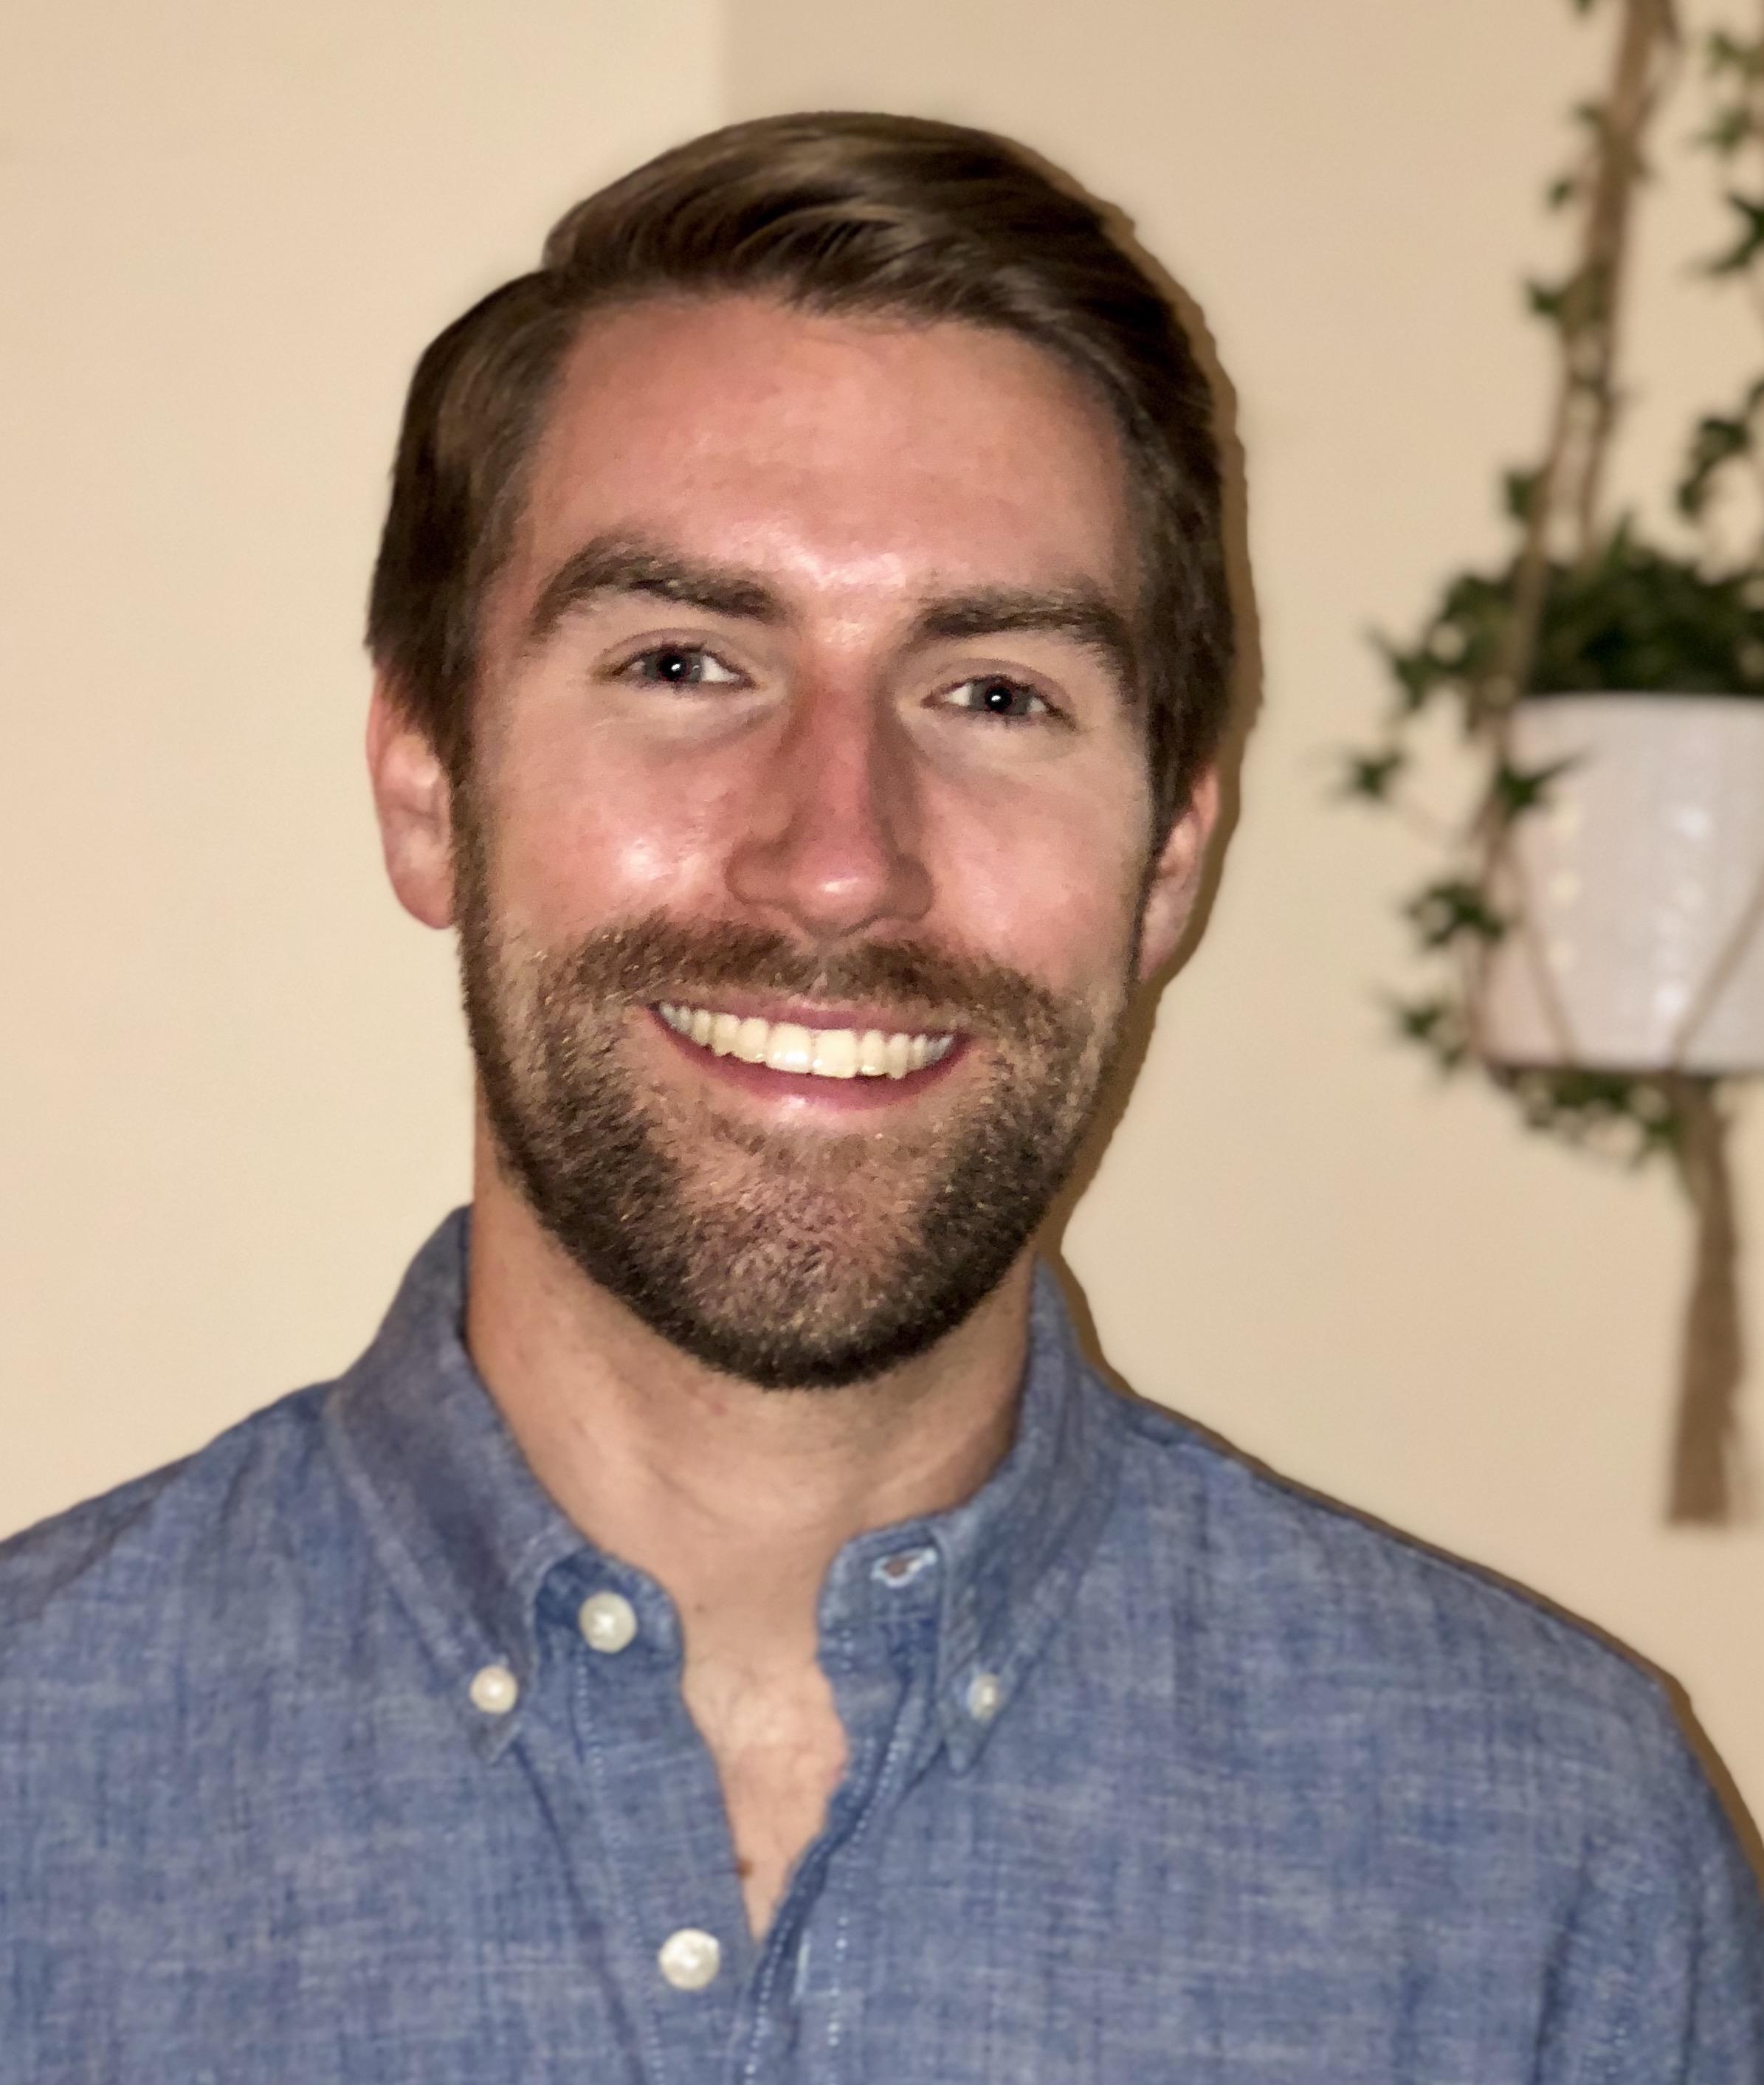 Cory Knittel